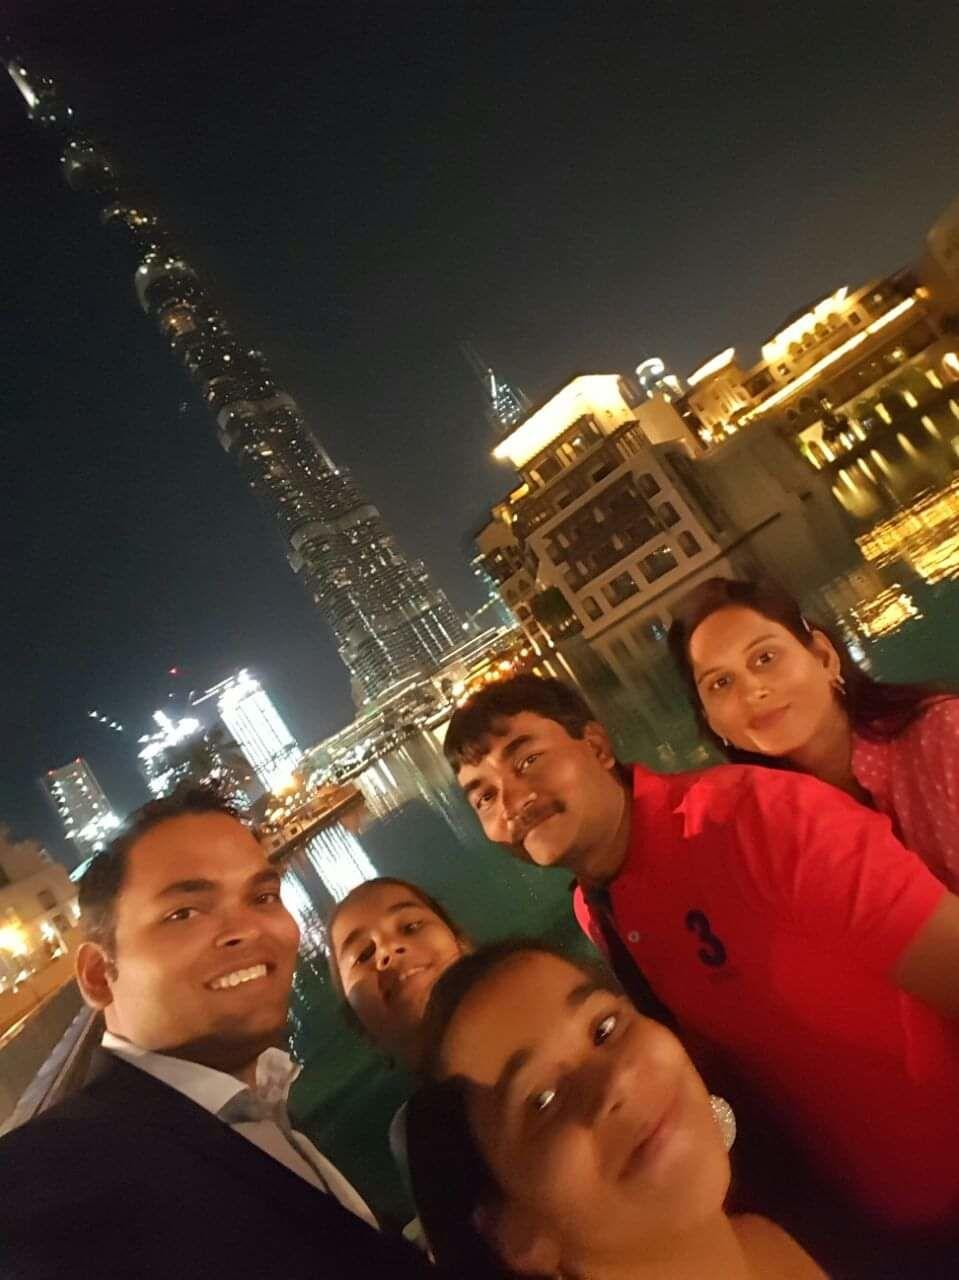 Photo of Burj Khalifa Lake - Dubai - United Arab Emirates By Hetvi Shah